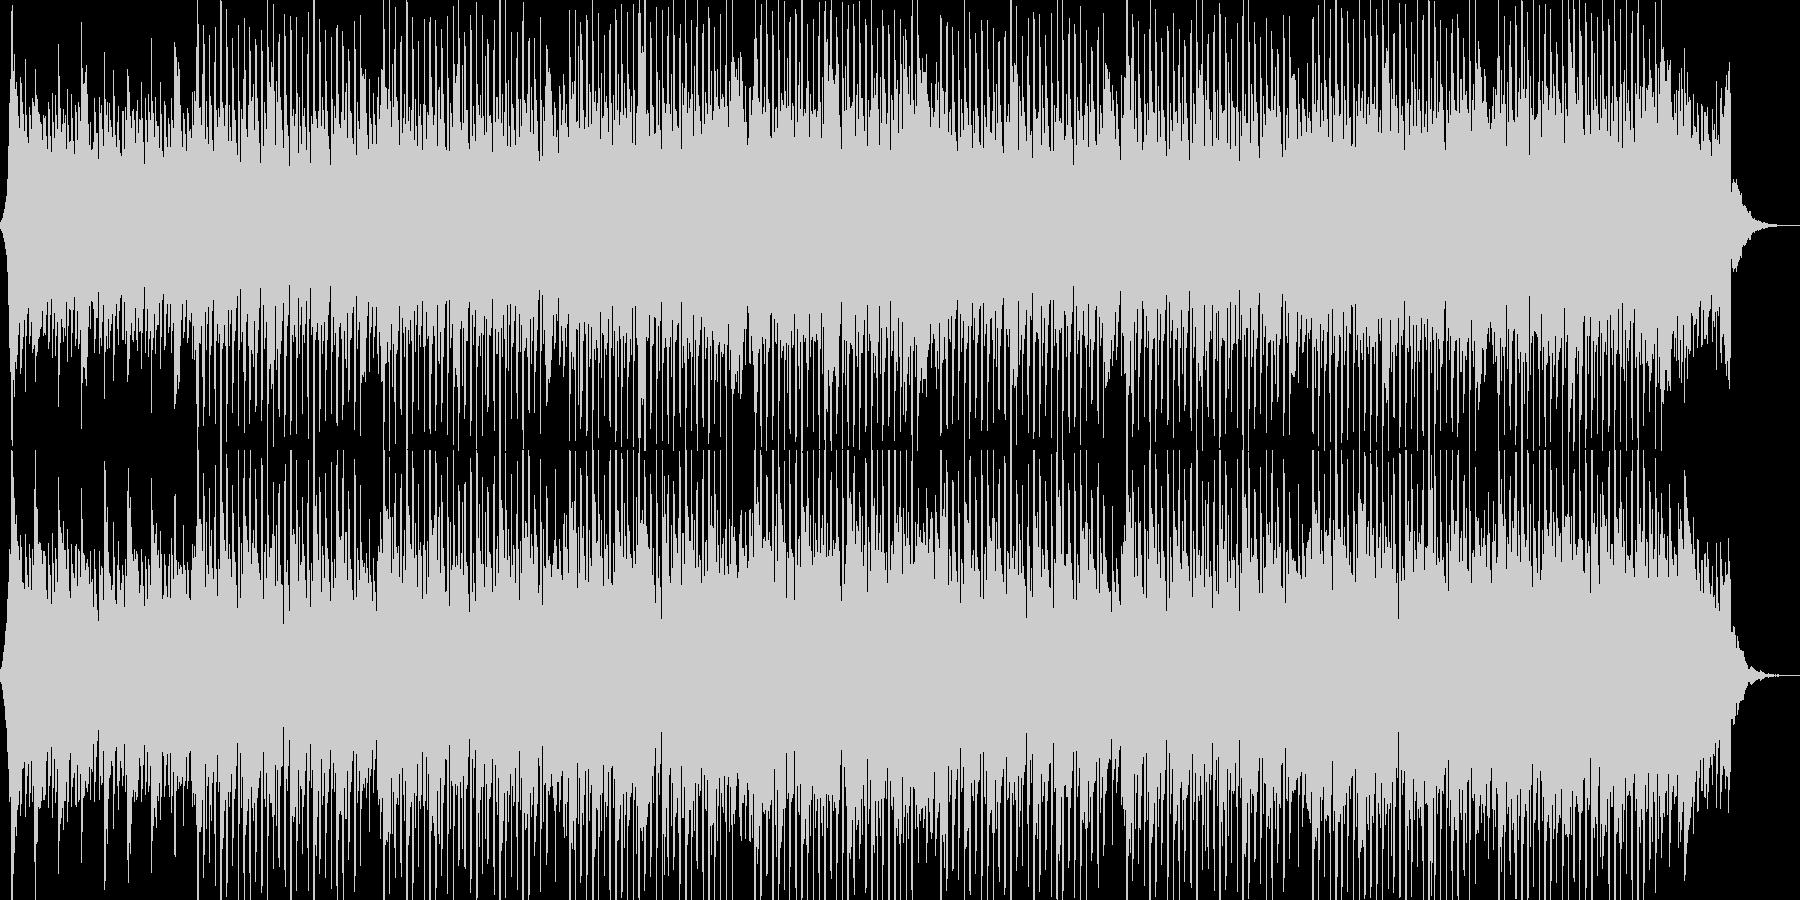 企業VP系44、爽やかギター4つ打ちaの未再生の波形